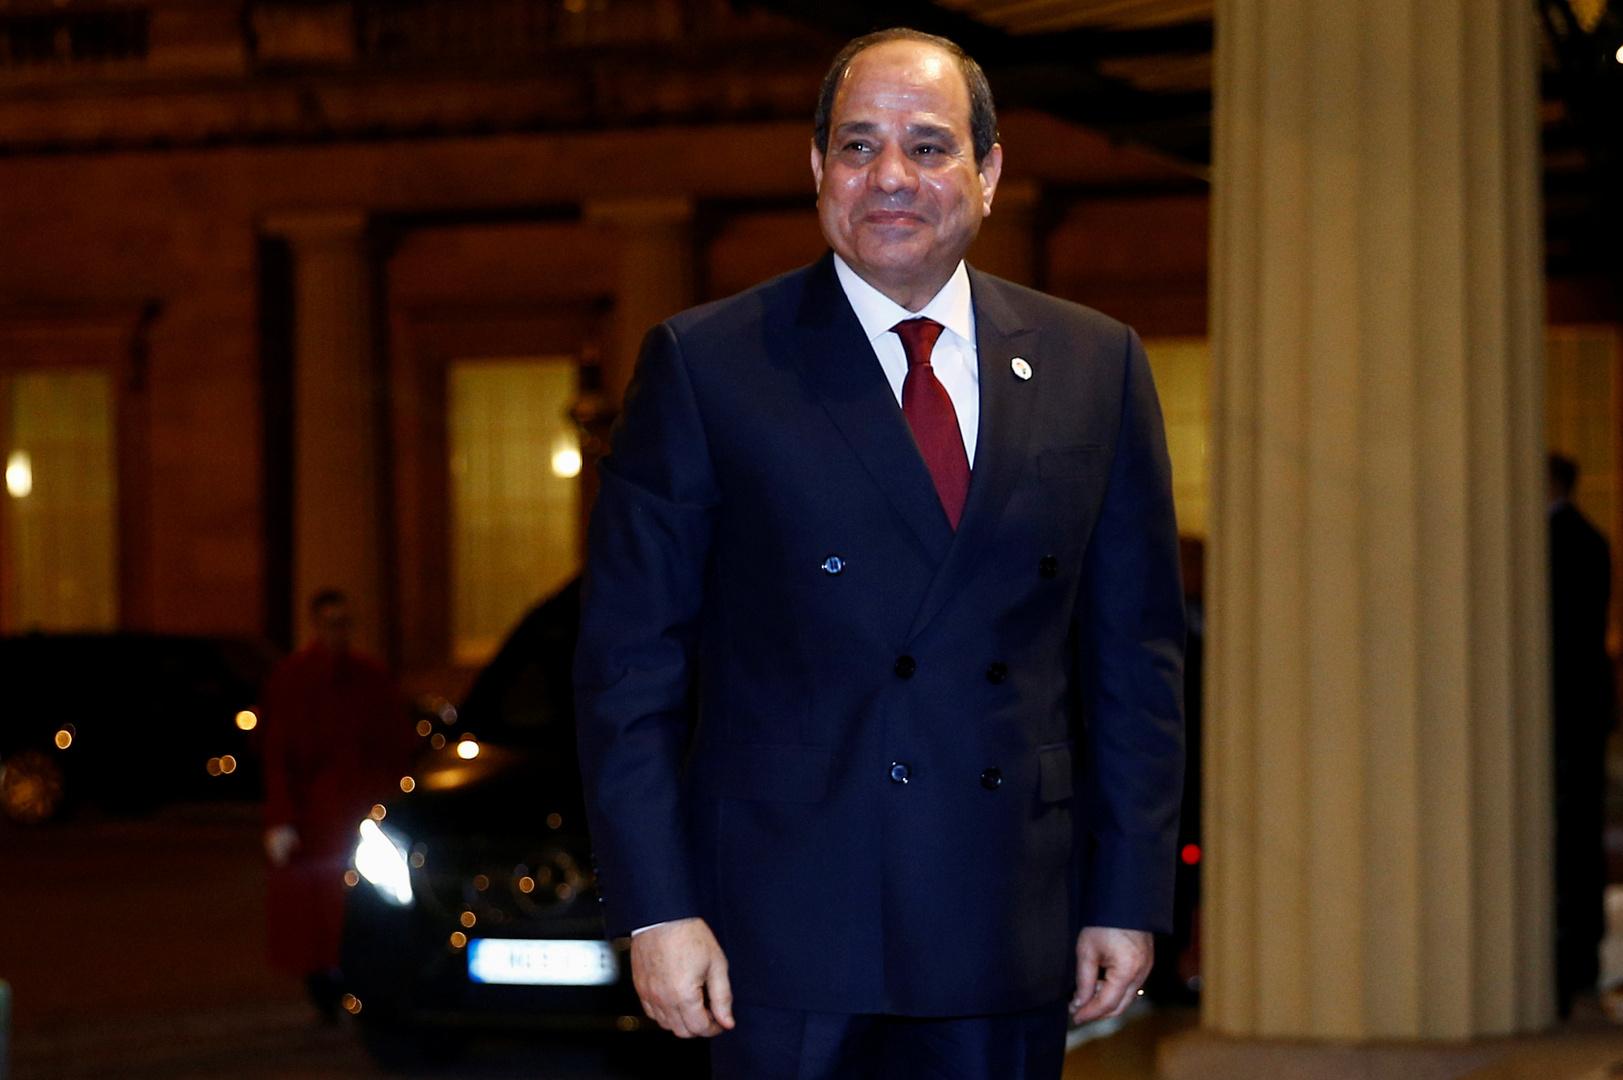 بعد مبادرة 500 مليون دولار.. السيسي يوجه بفتح حساب في كل البنوك المصرية لصالح إعادة إعمار غزة